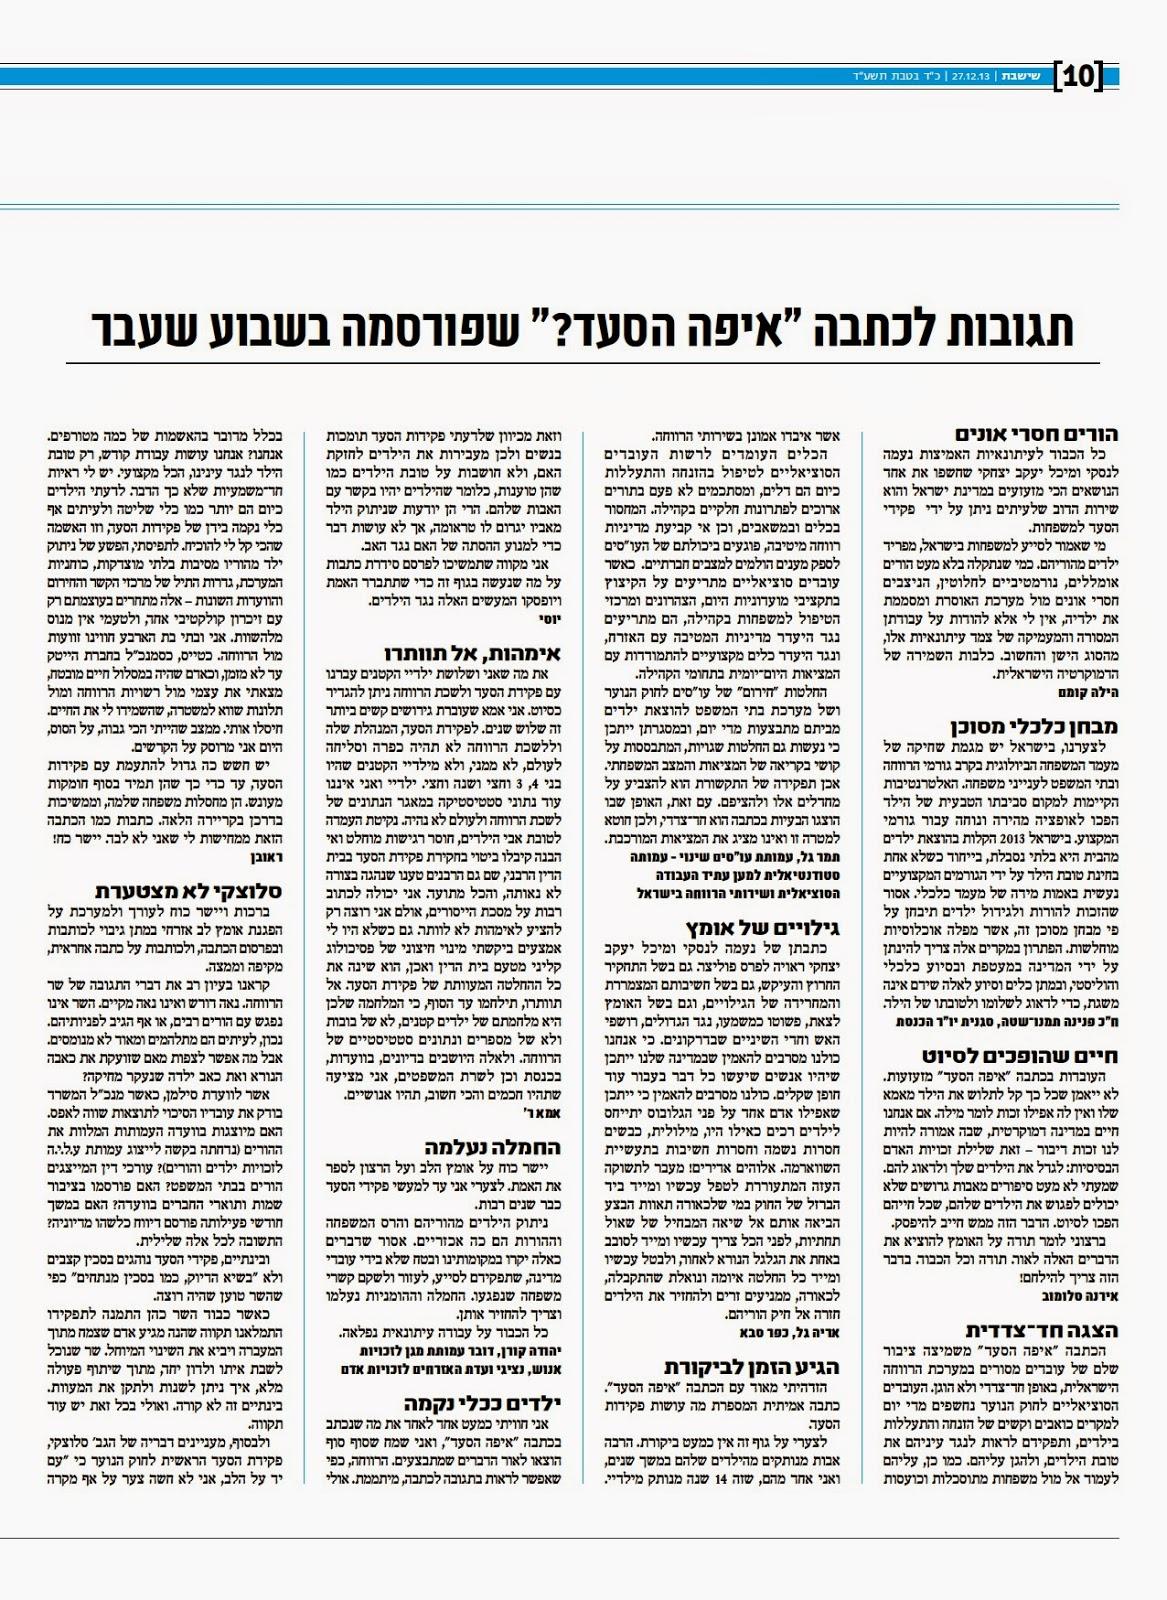 """הציבור מוקיע פשעי משרד הרווחה - תגובות לכתבה """"איפה הסעד"""" - ישראל היום דצמבר 2014"""